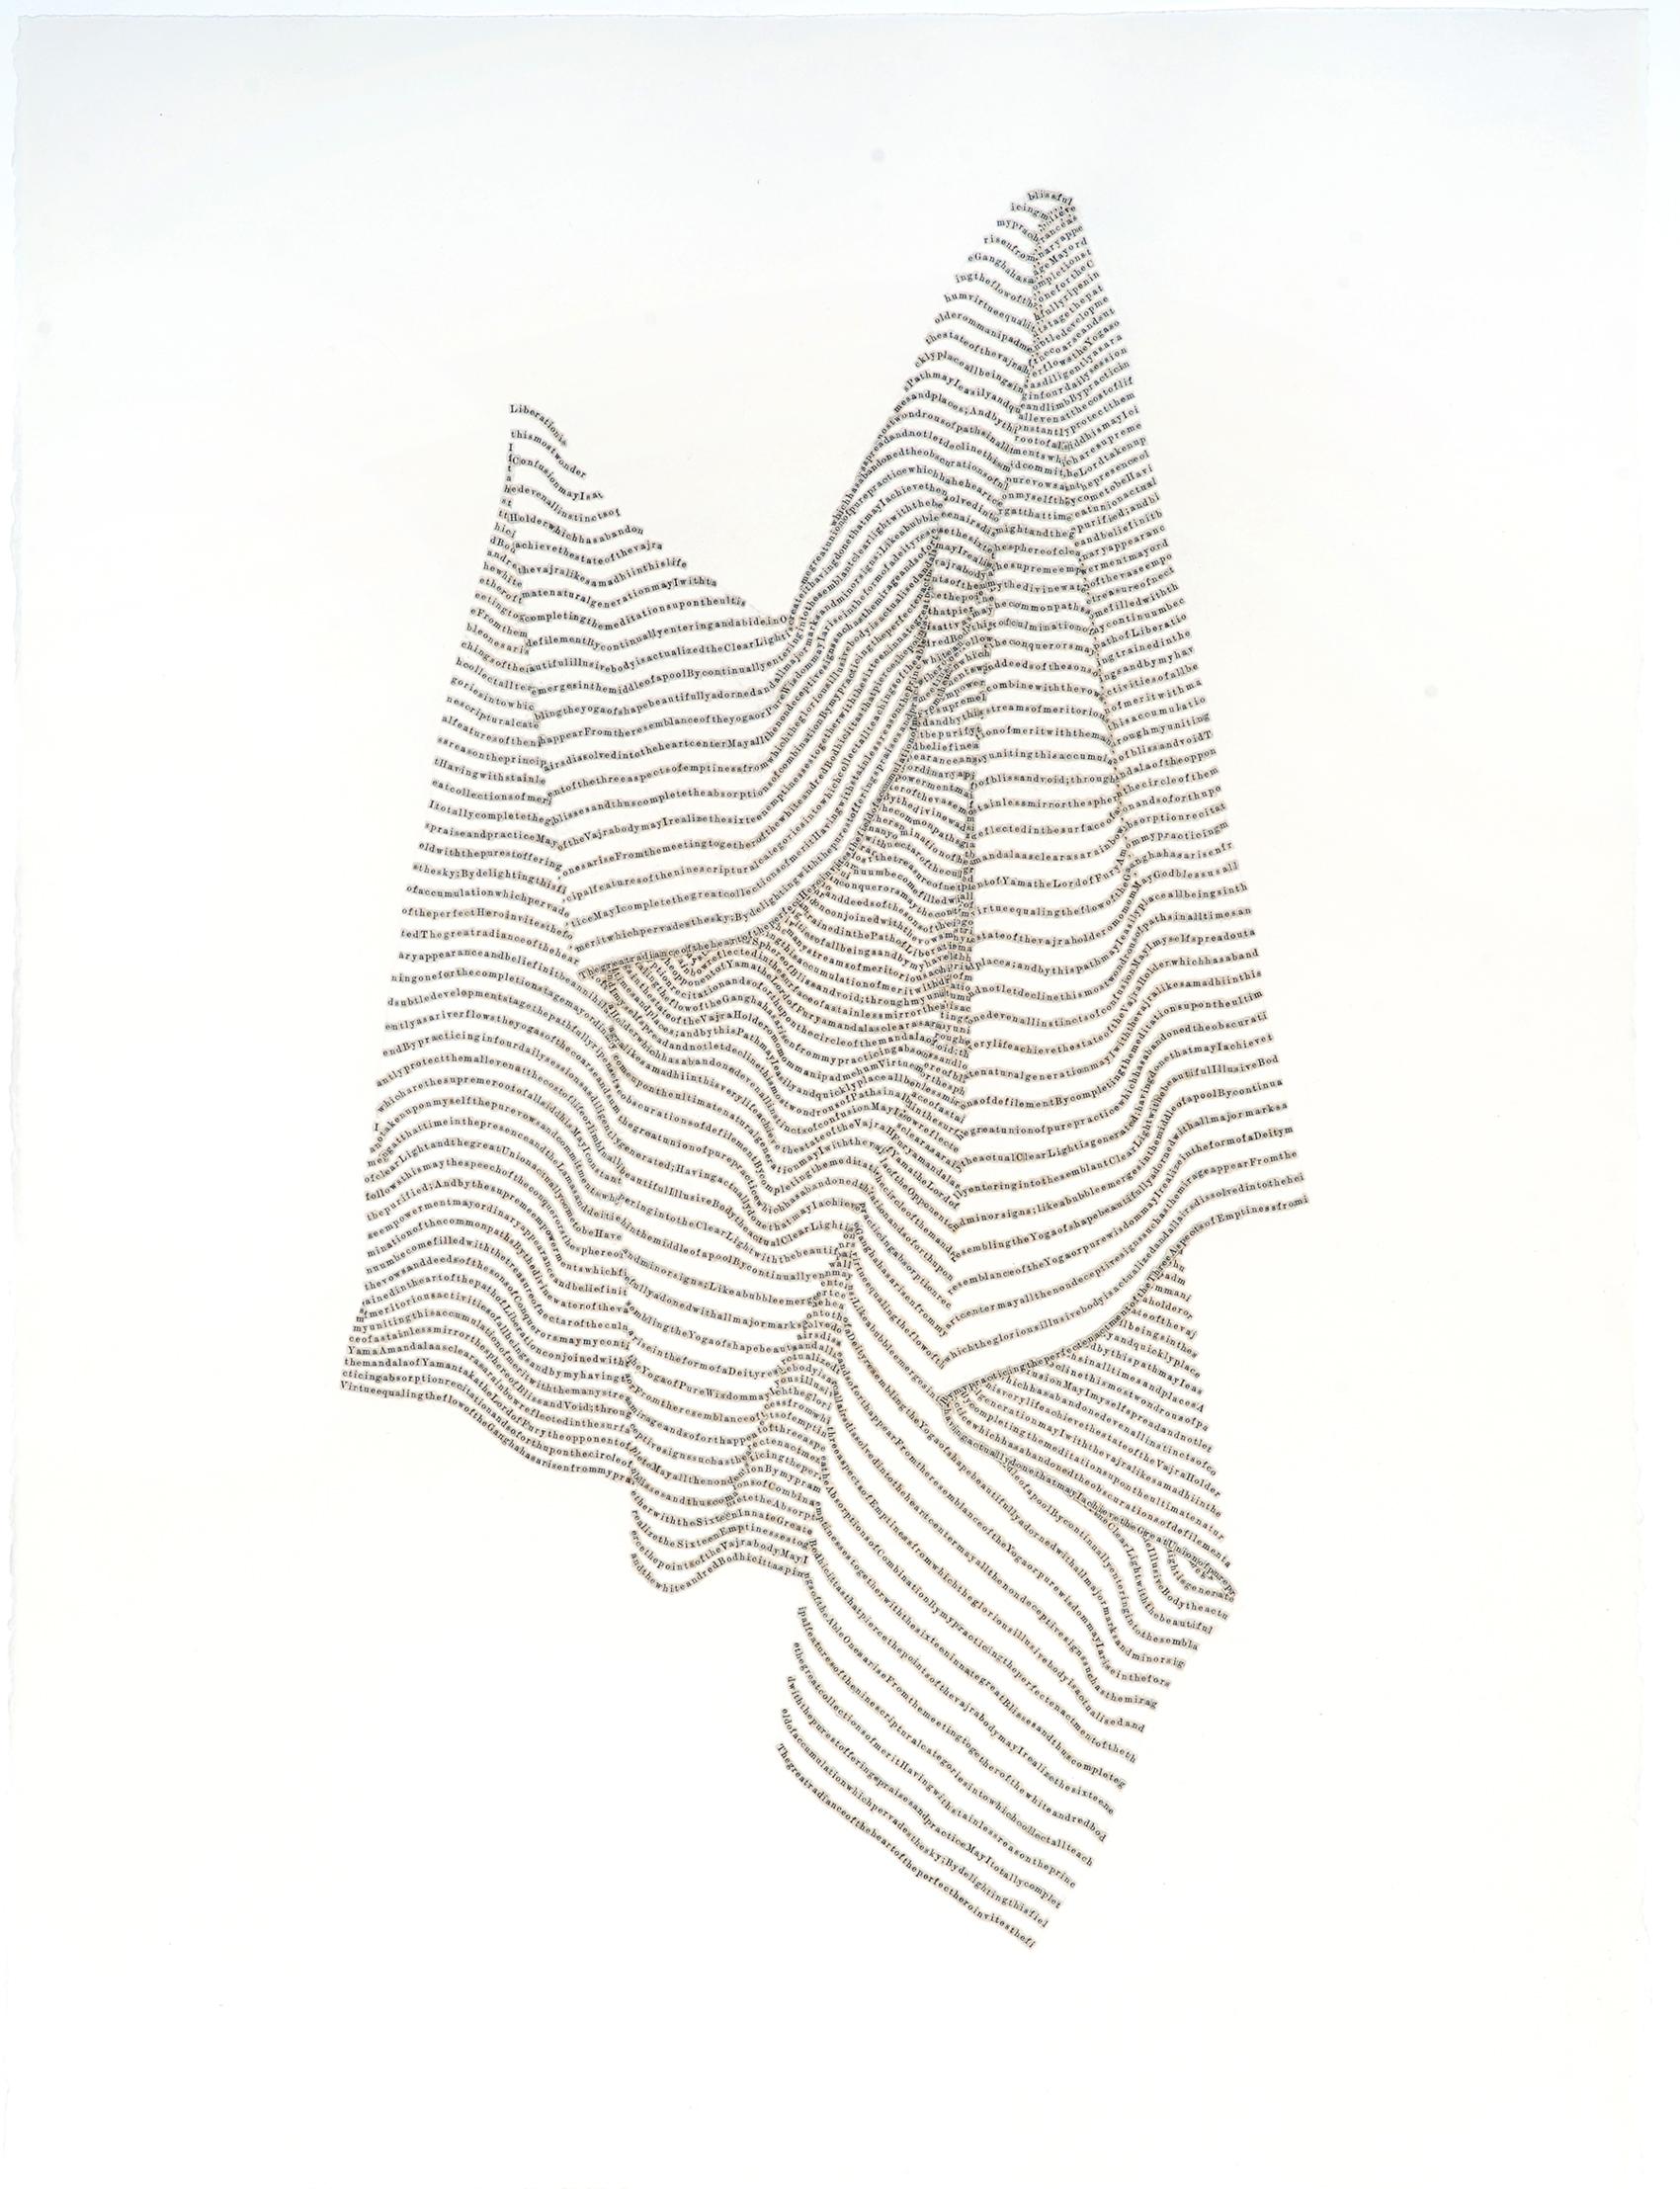 Prayer Cloth No. 4